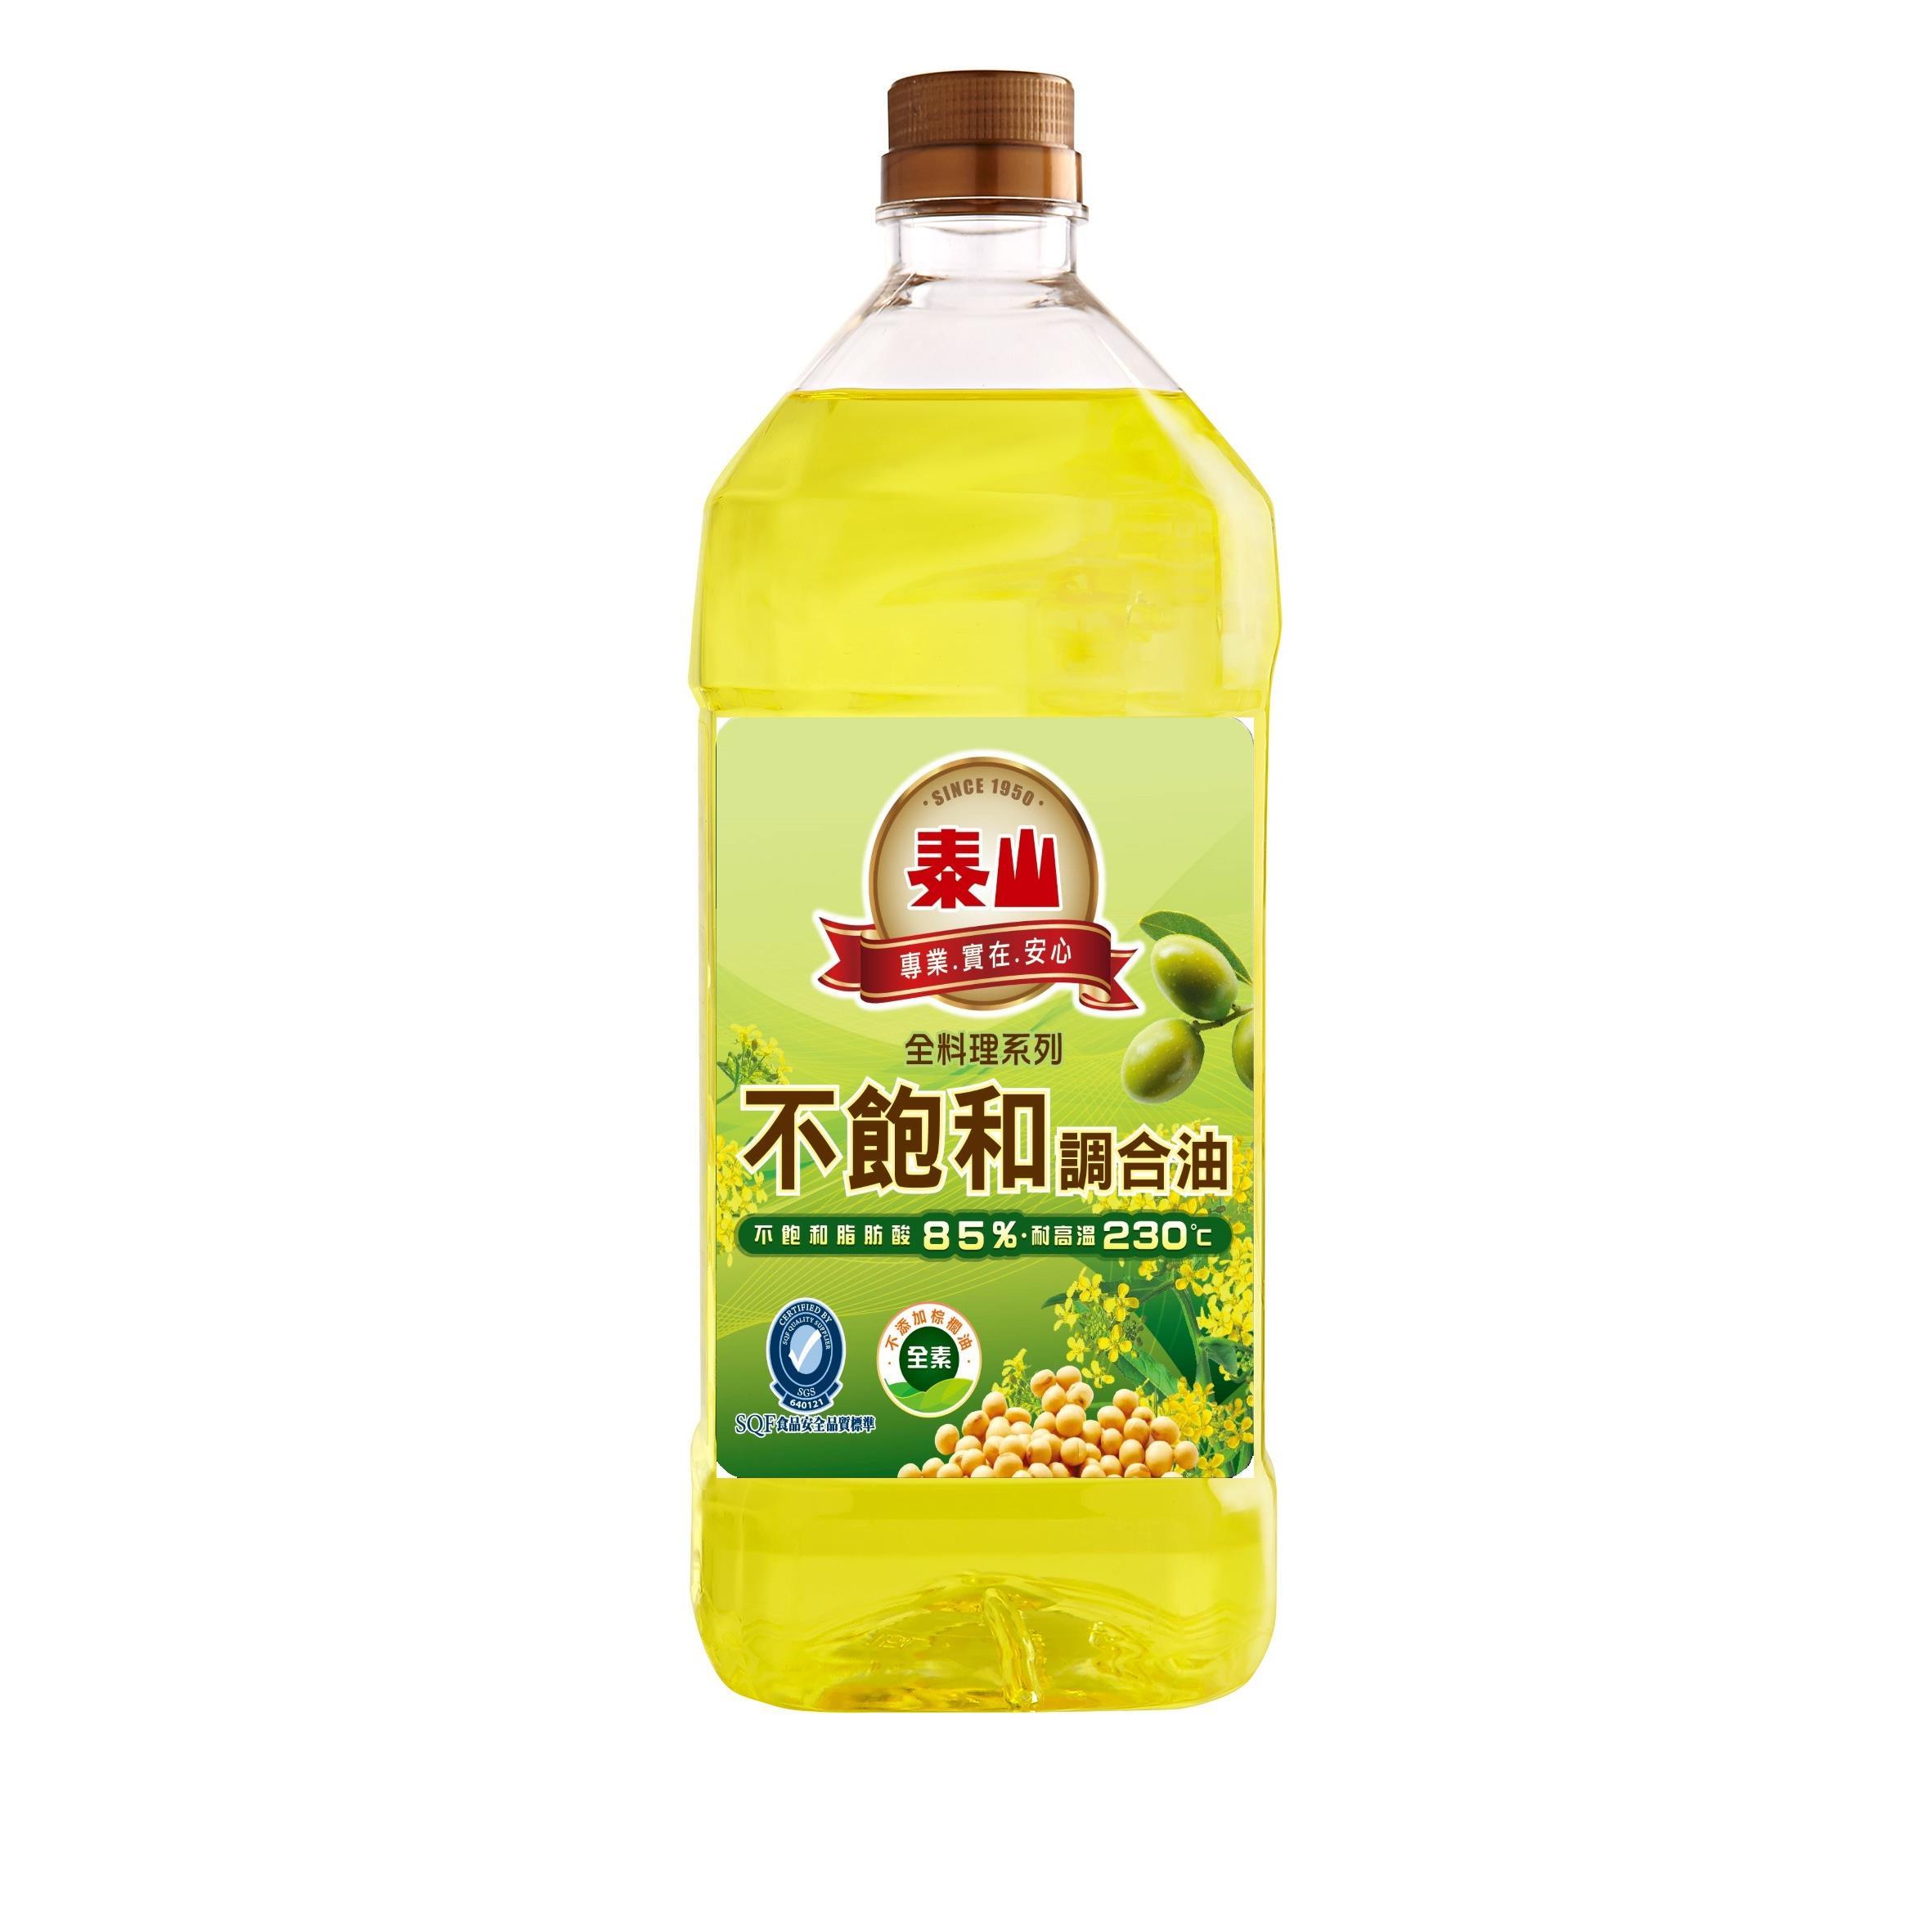 【泰山】不飽和調合油1.5L